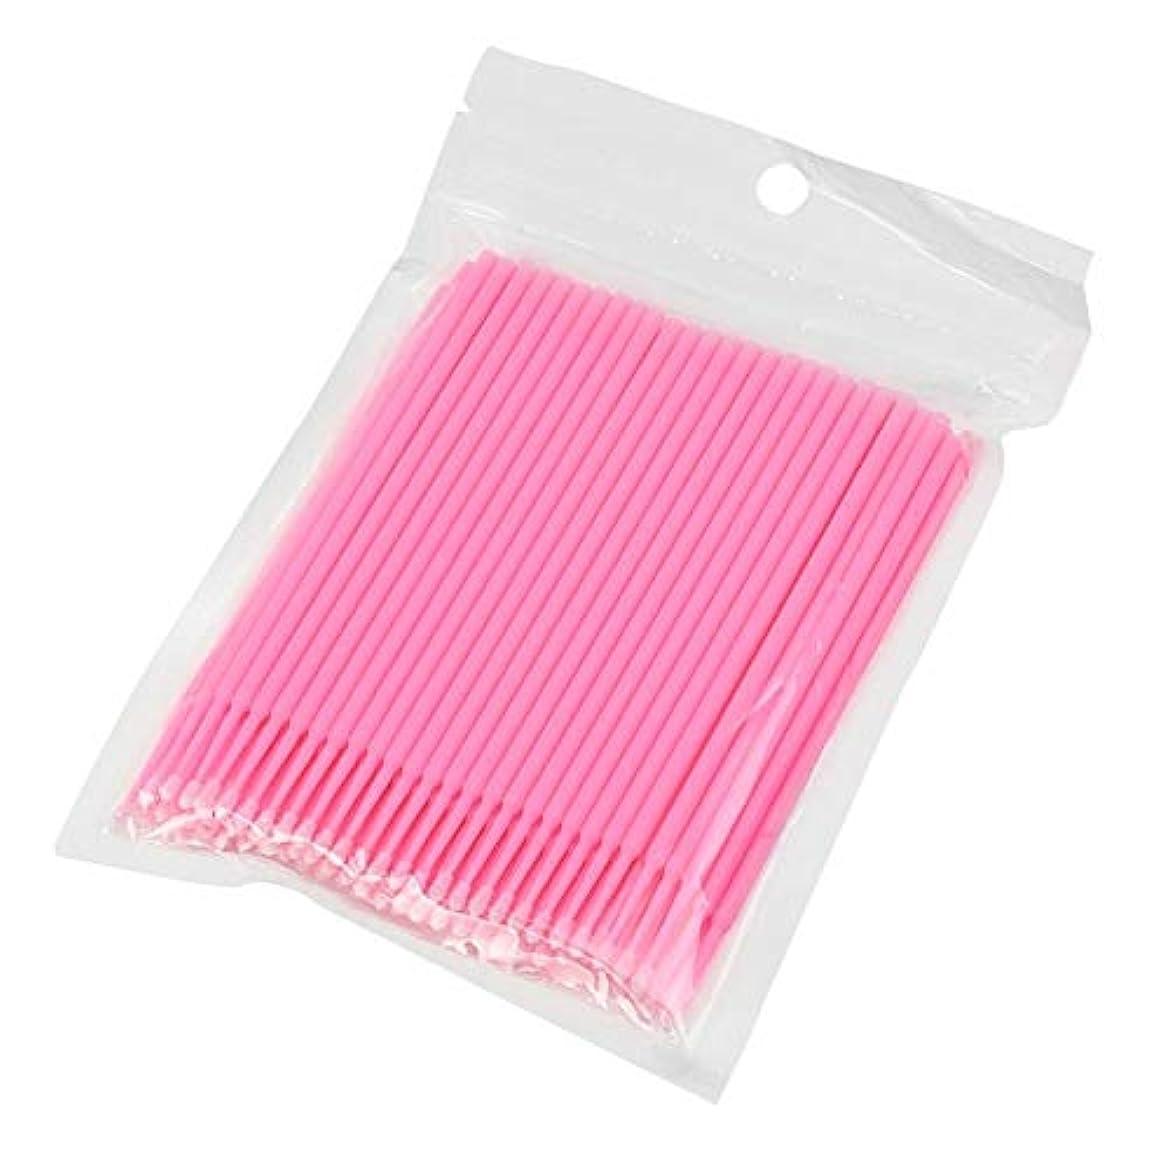 フォームシティ哲学博士100ピース使い捨てマイクロブラシ綿棒アプリケーターチューブ用まつげエクステンション接着剤除去まつ毛グラフトツール(Color:Pink)